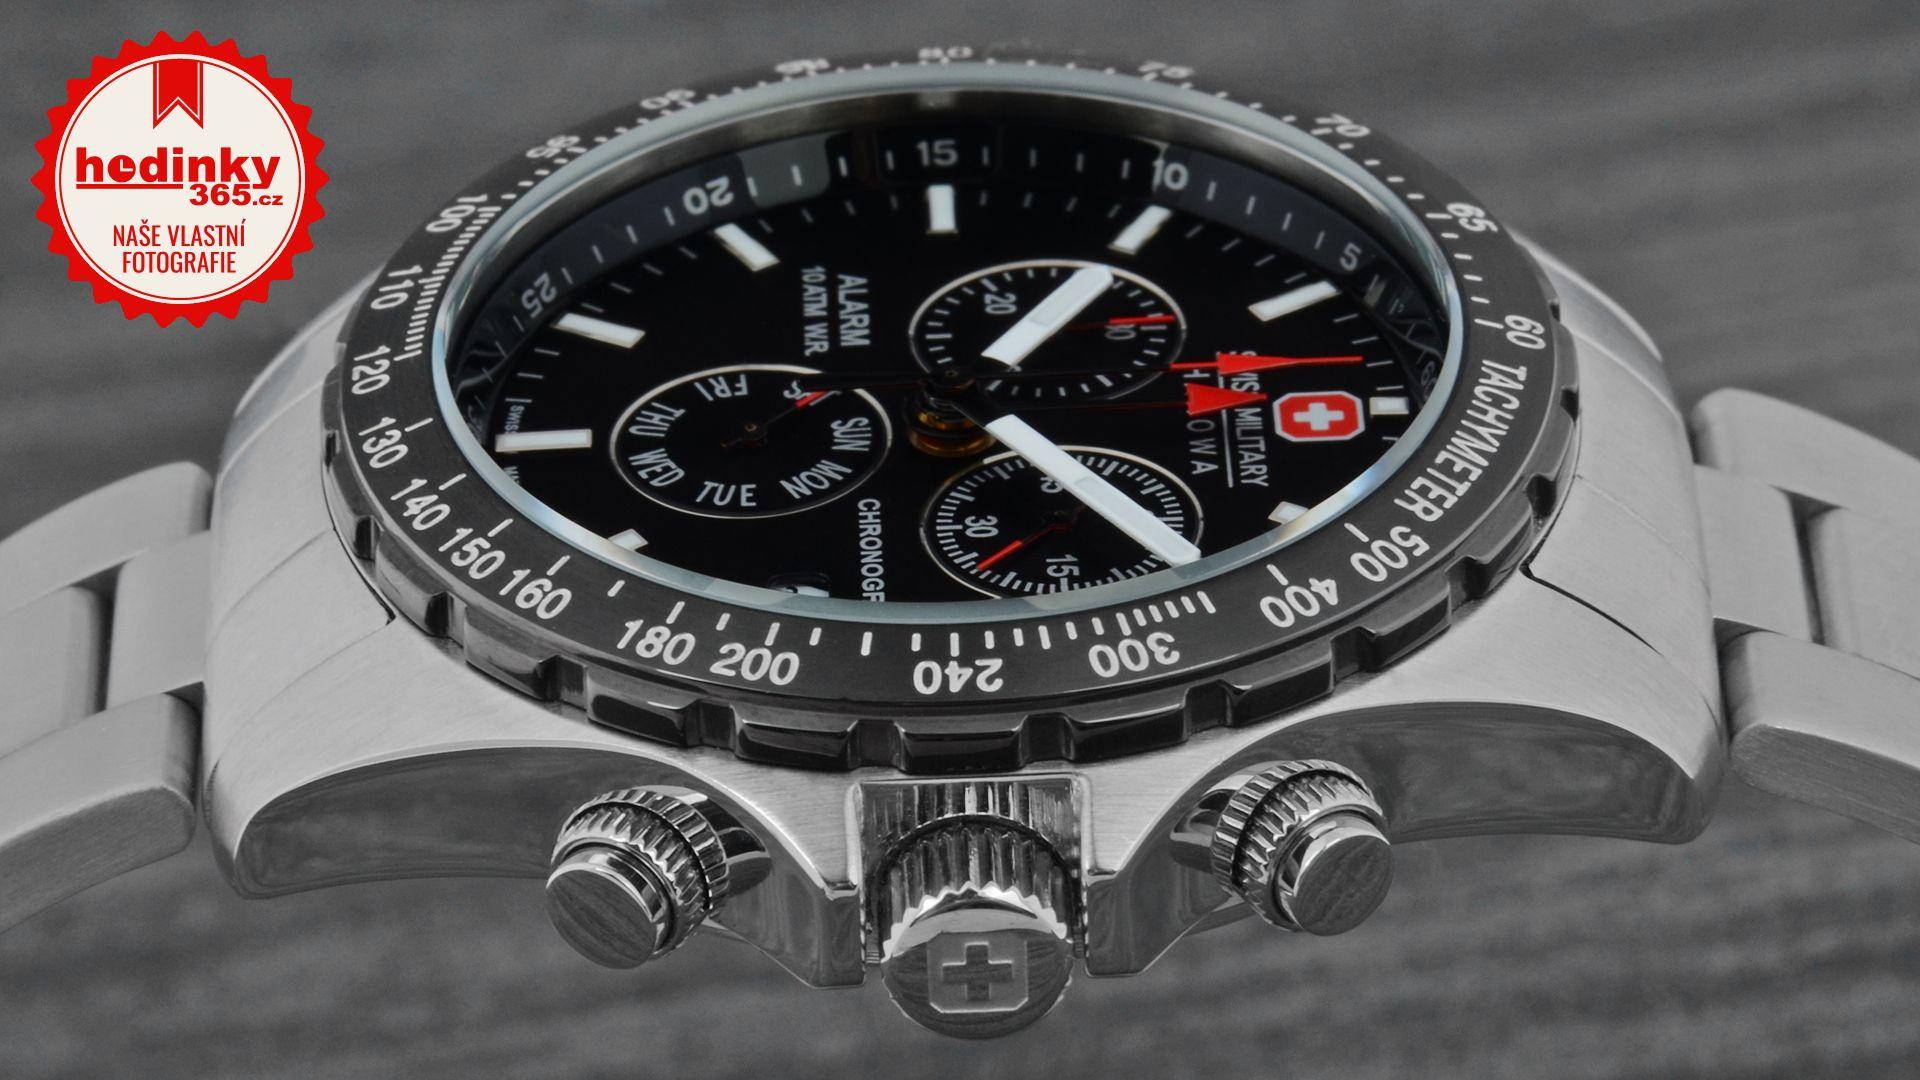 21b70dd90 Pánské hodinky - ocelový řemínek, ocel pouzdro, minerální sklíčko. Veškeré  technické parametry naleznete níže